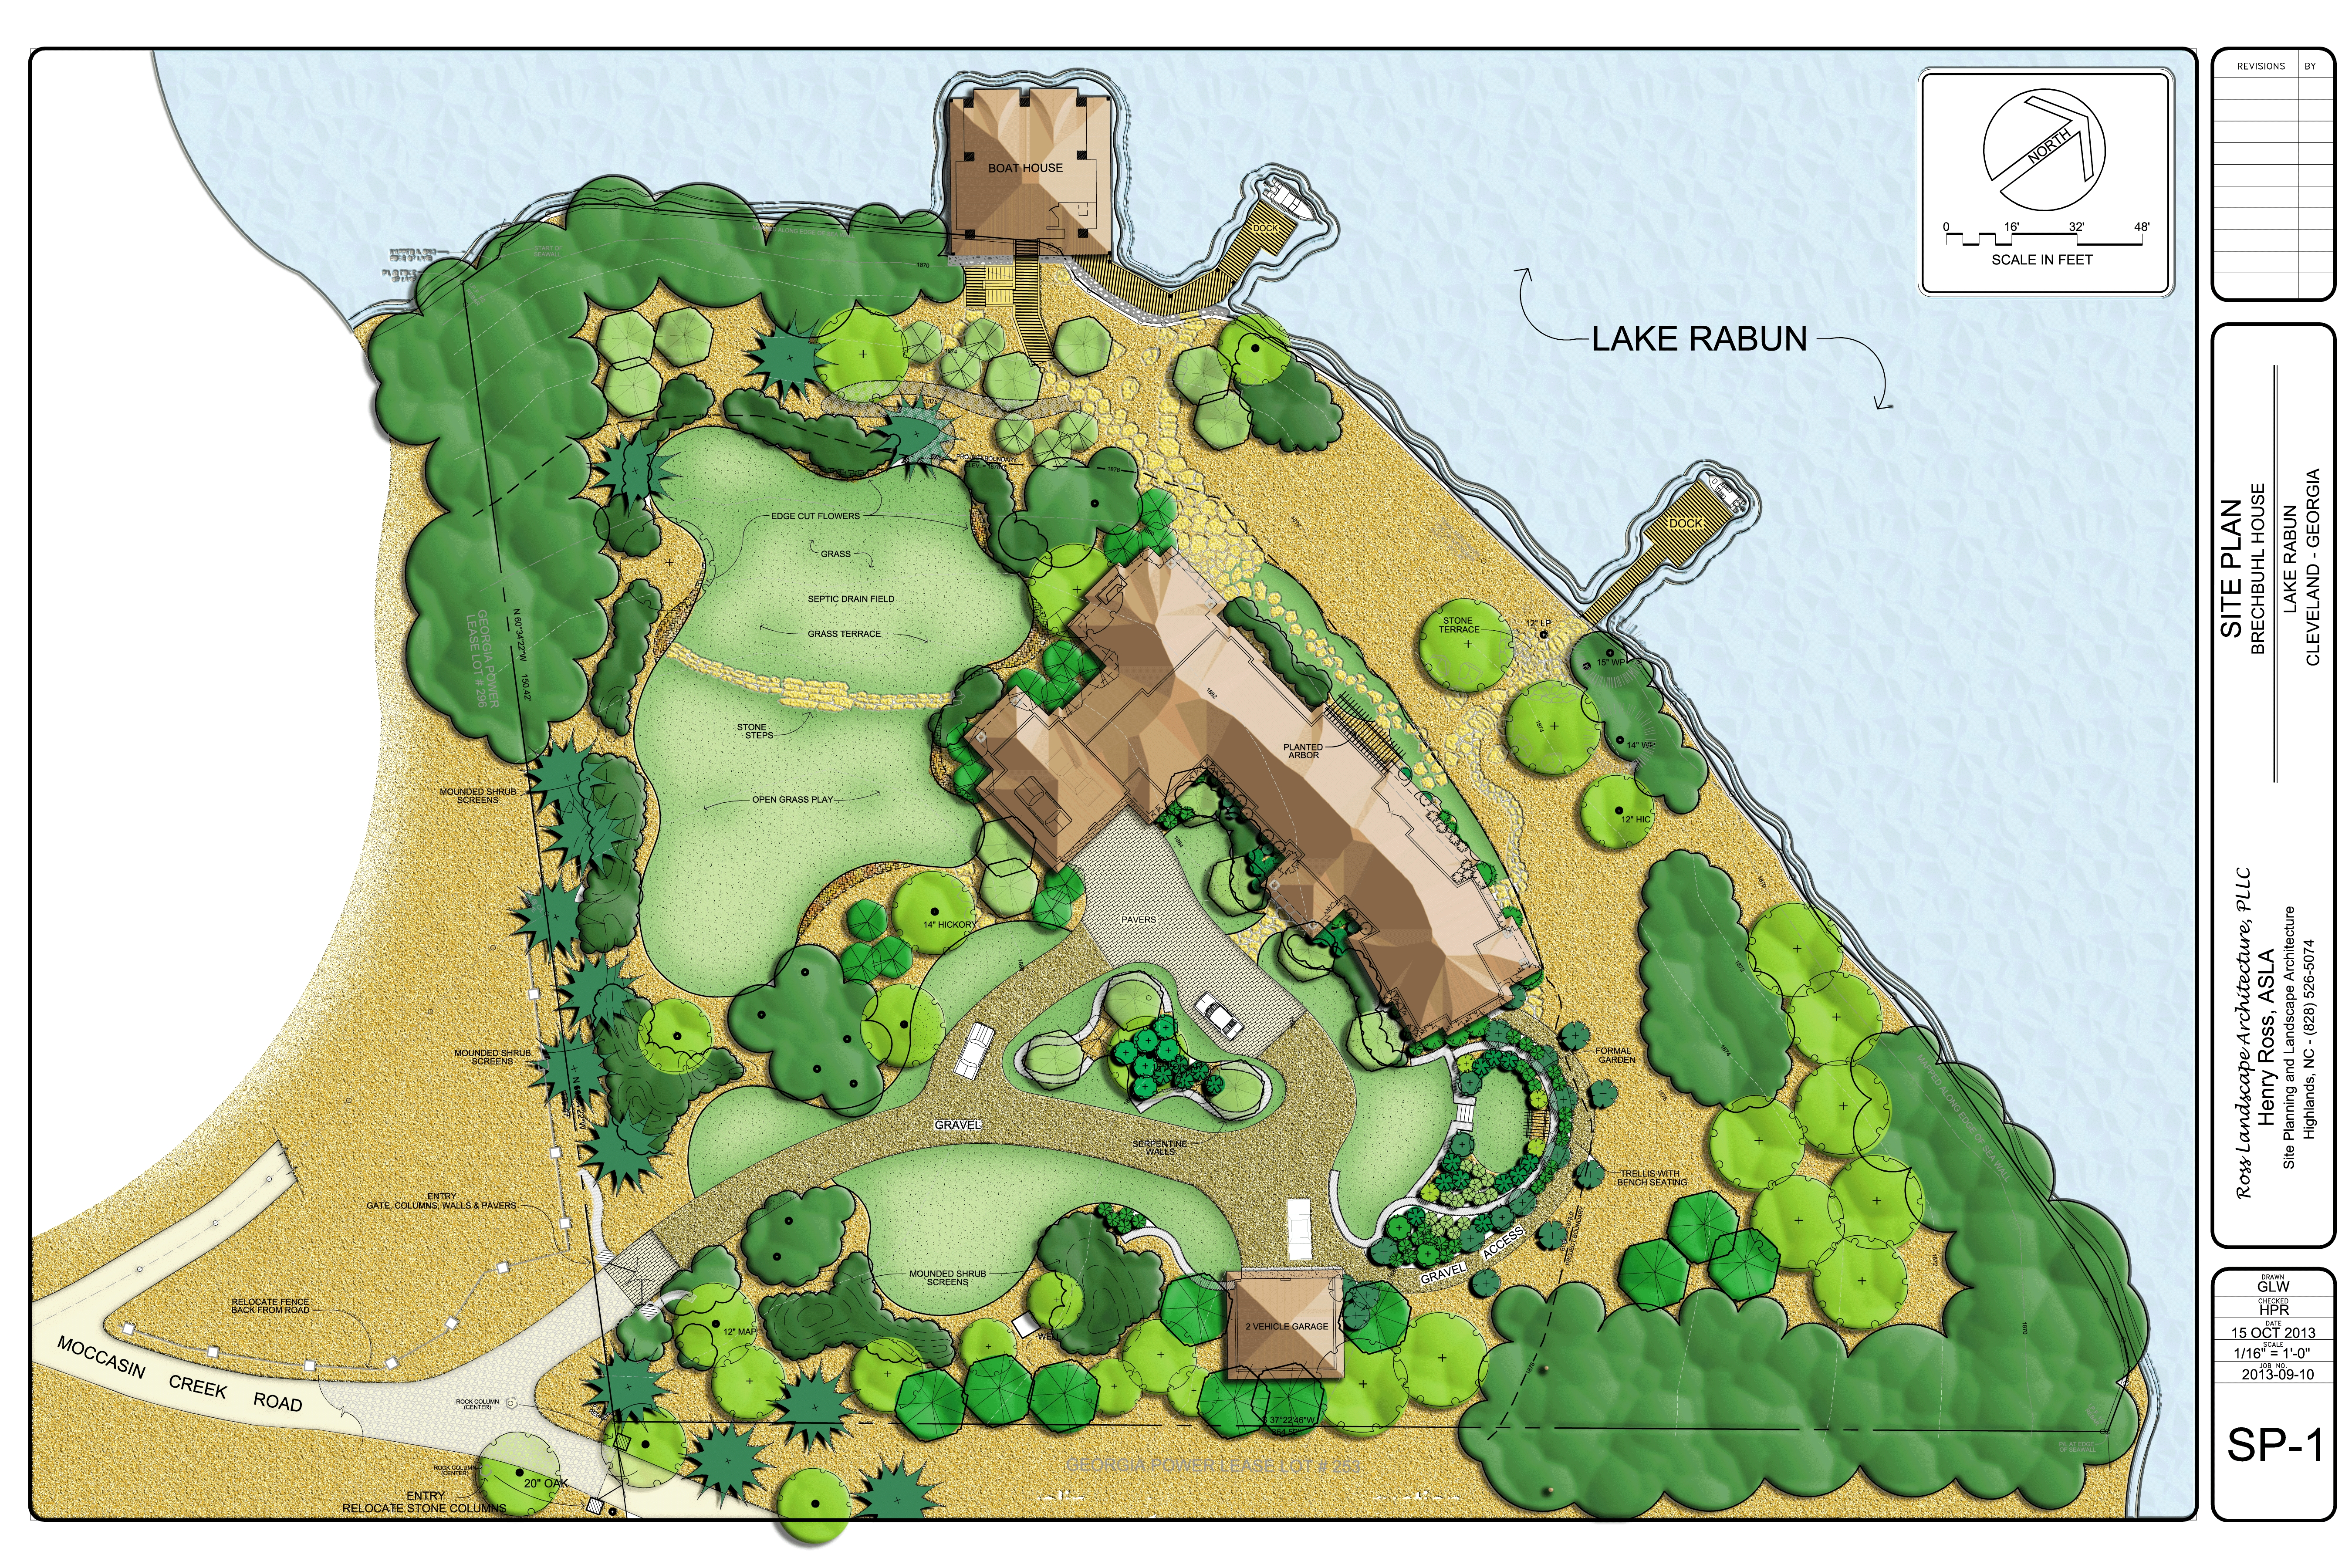 Backyard Landscape Design Plans | Droidsure.com